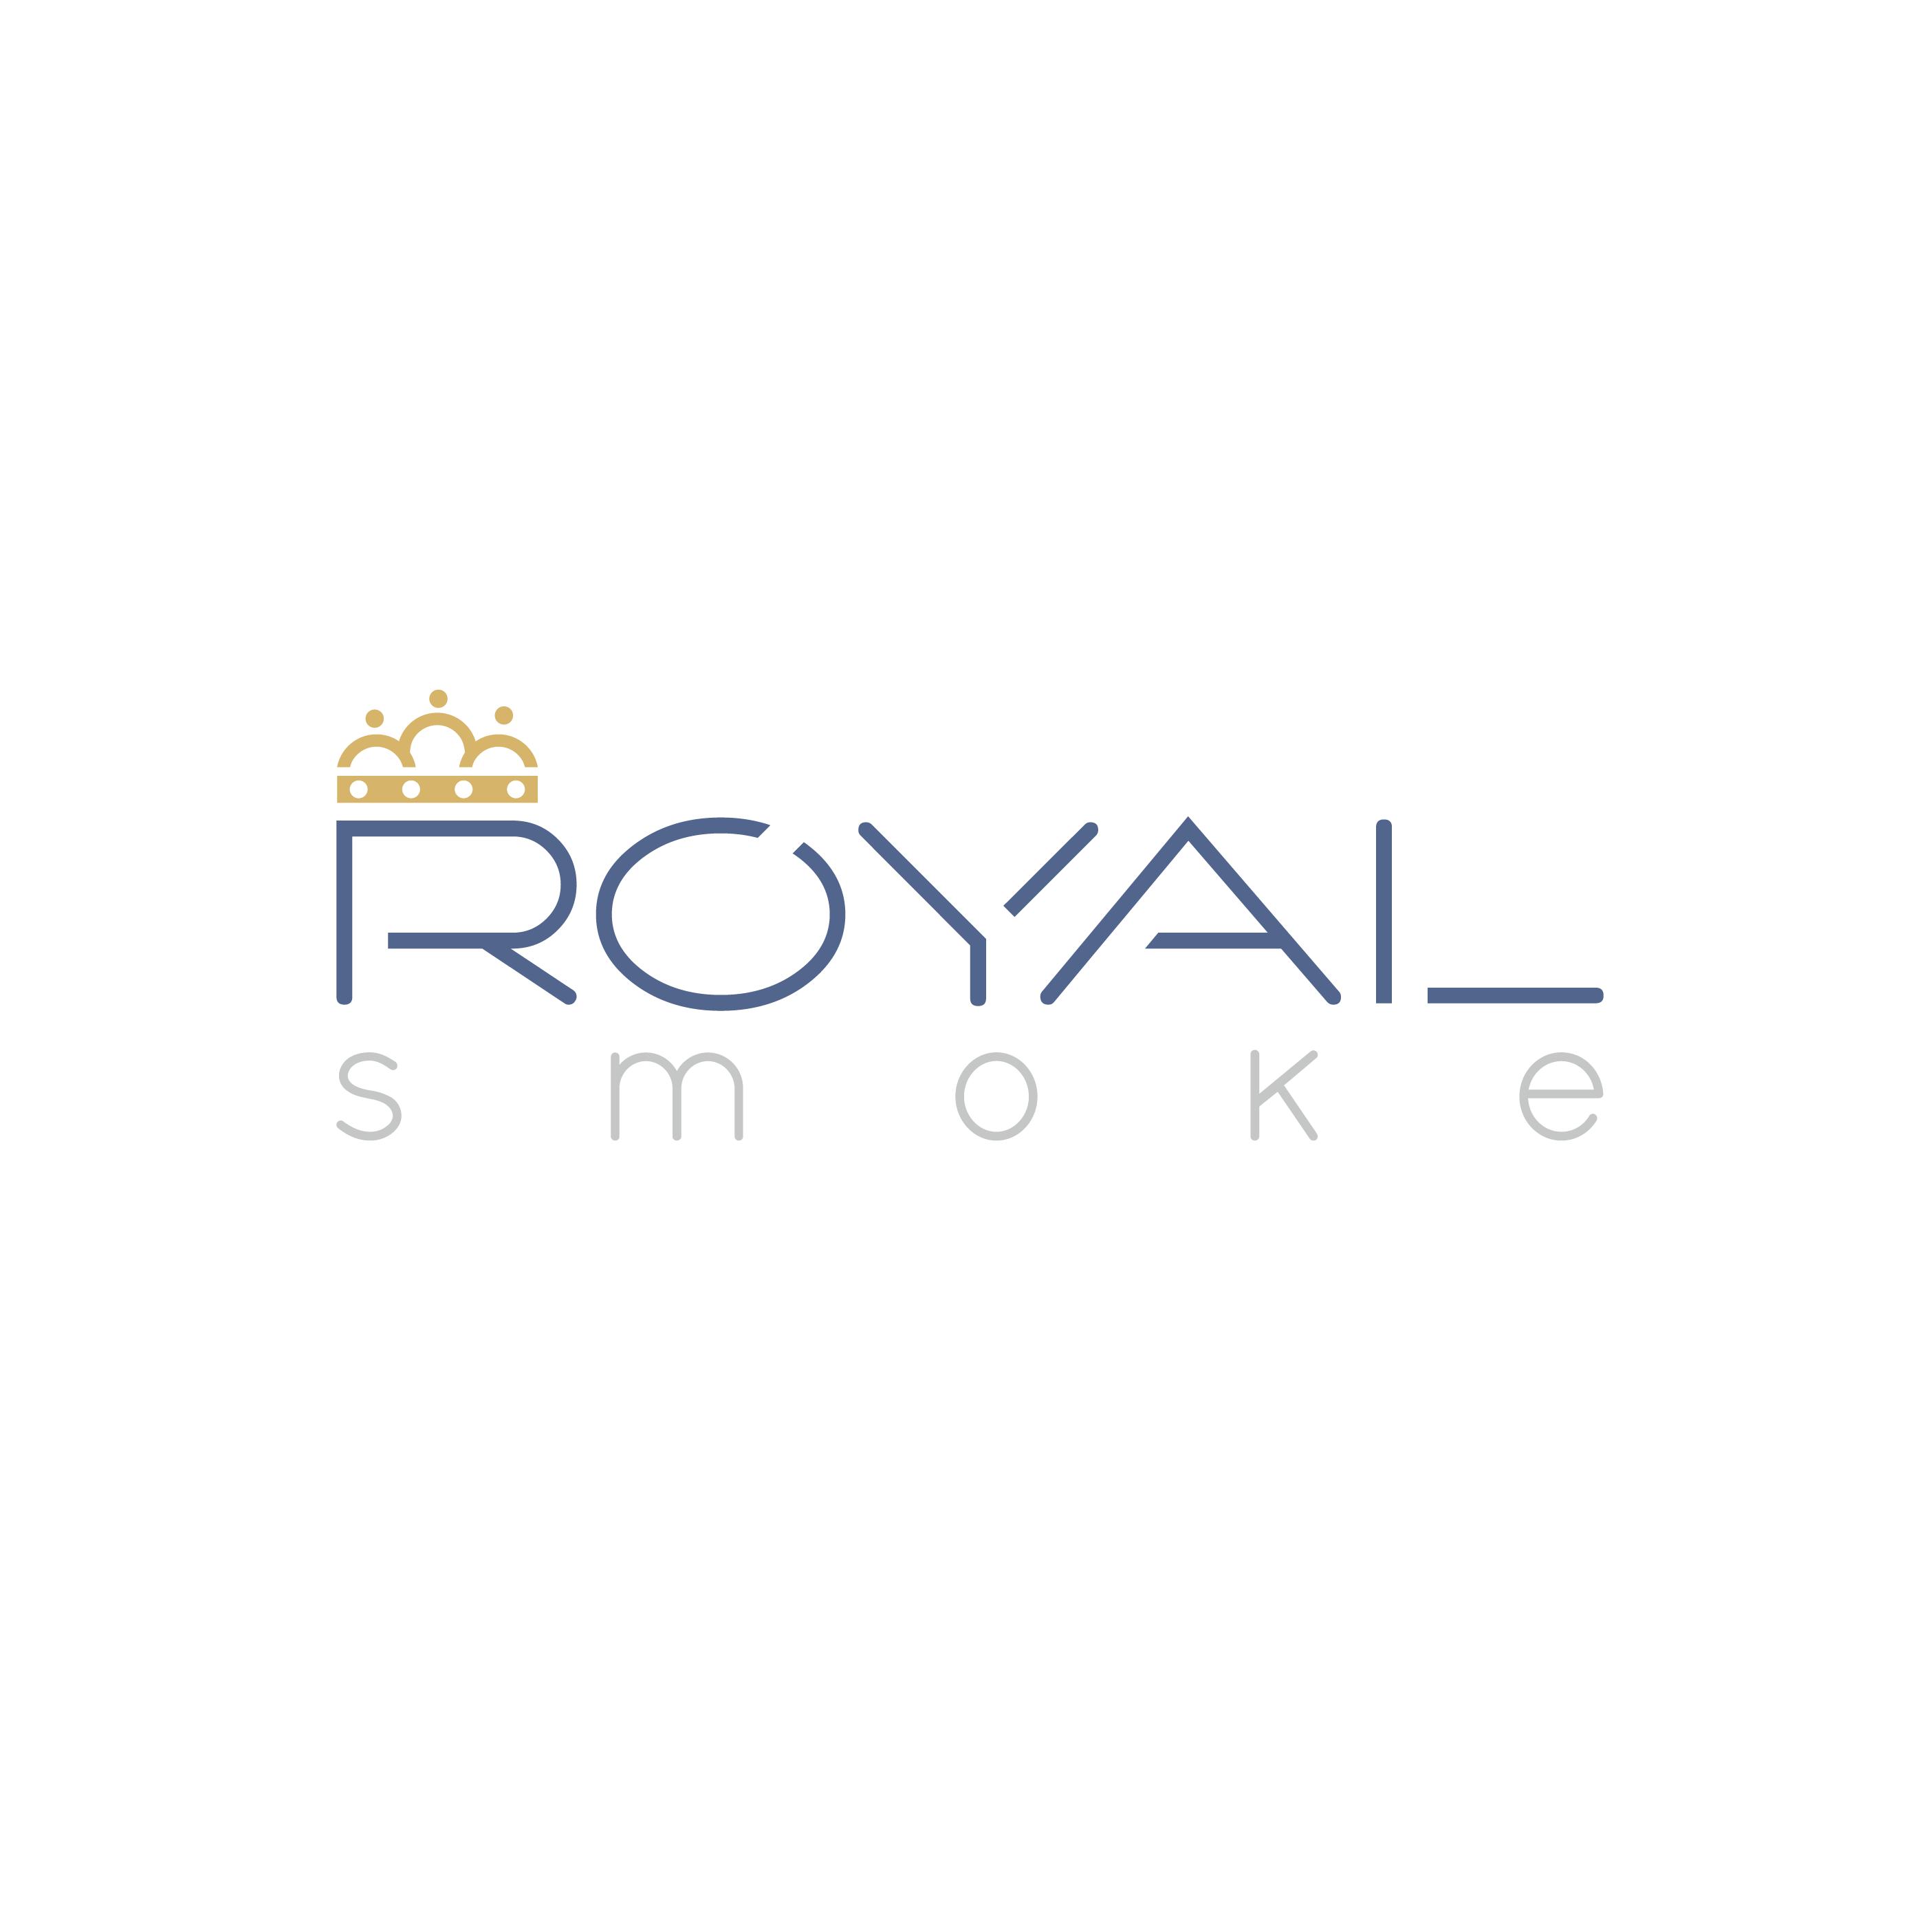 Royal Smoke